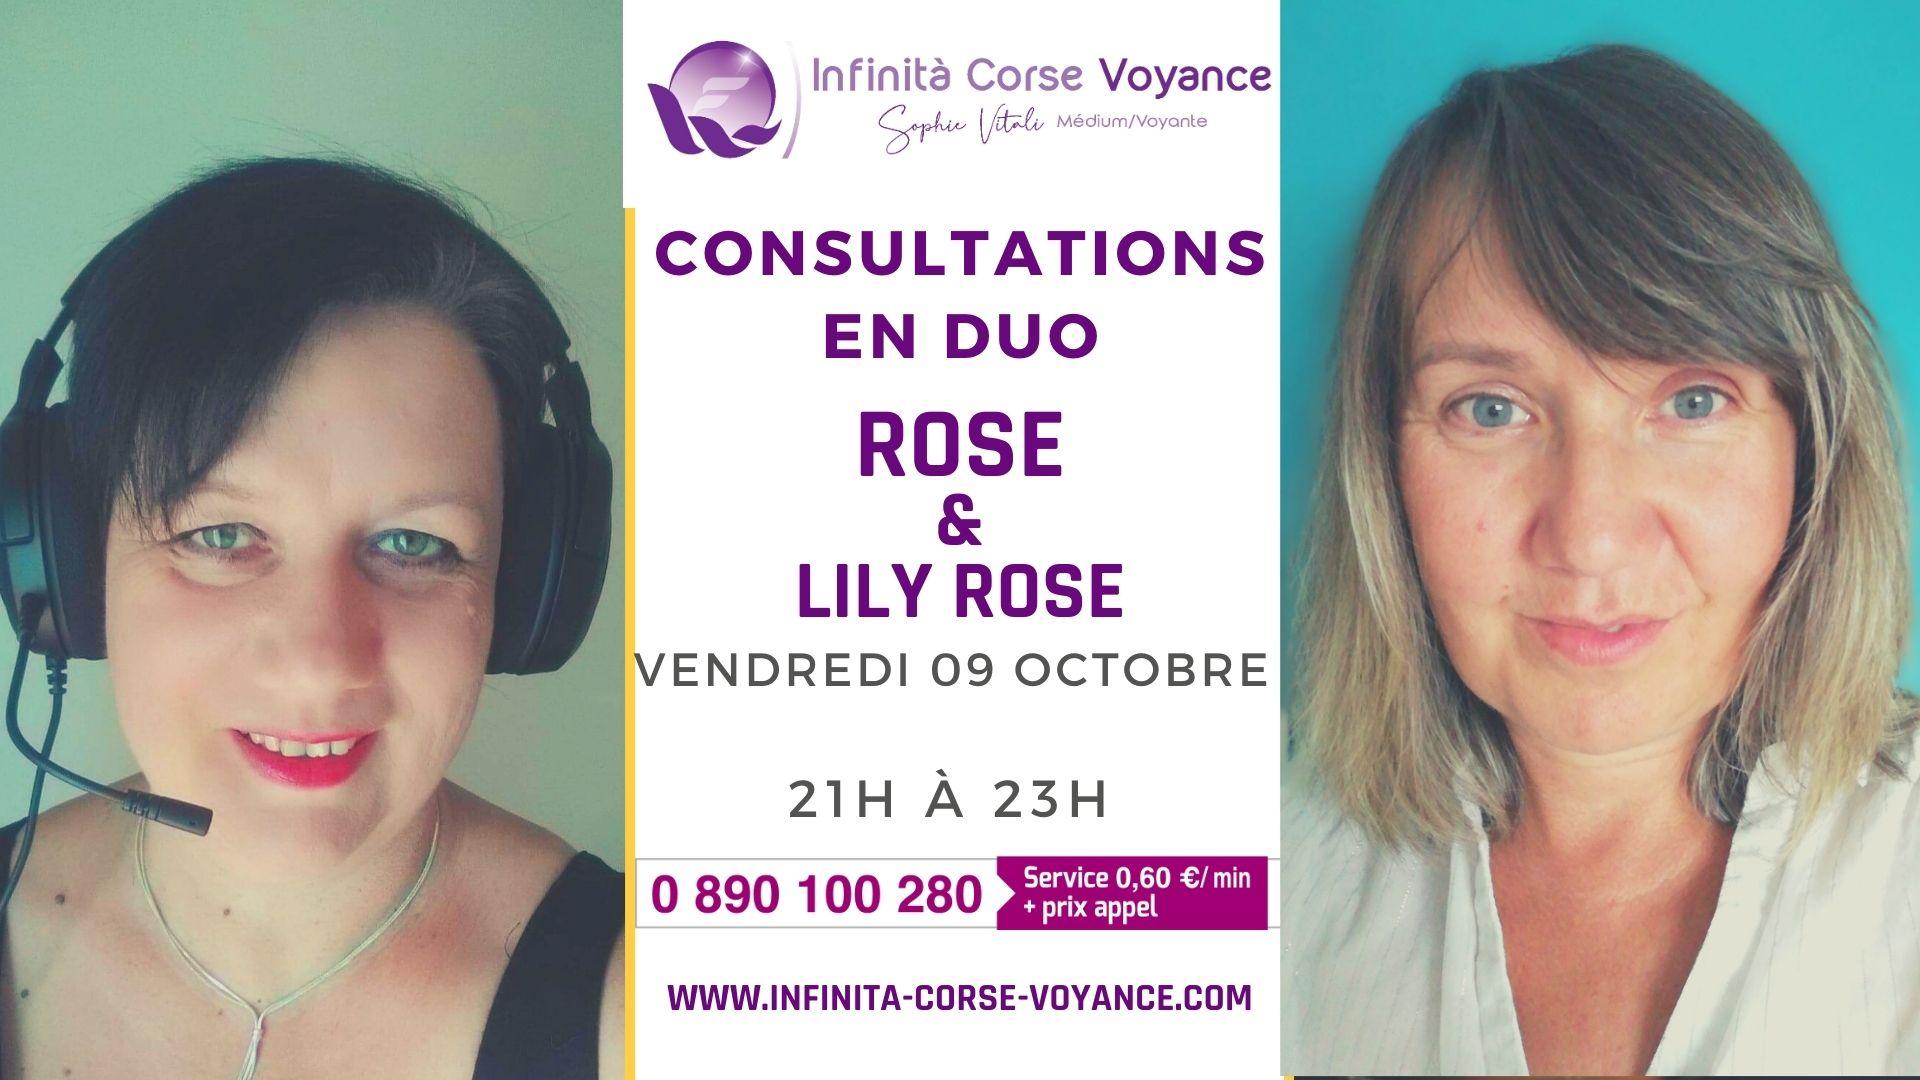 Lily rose et Rose en consultation duo par audiotel / Infinità Corse Voyance